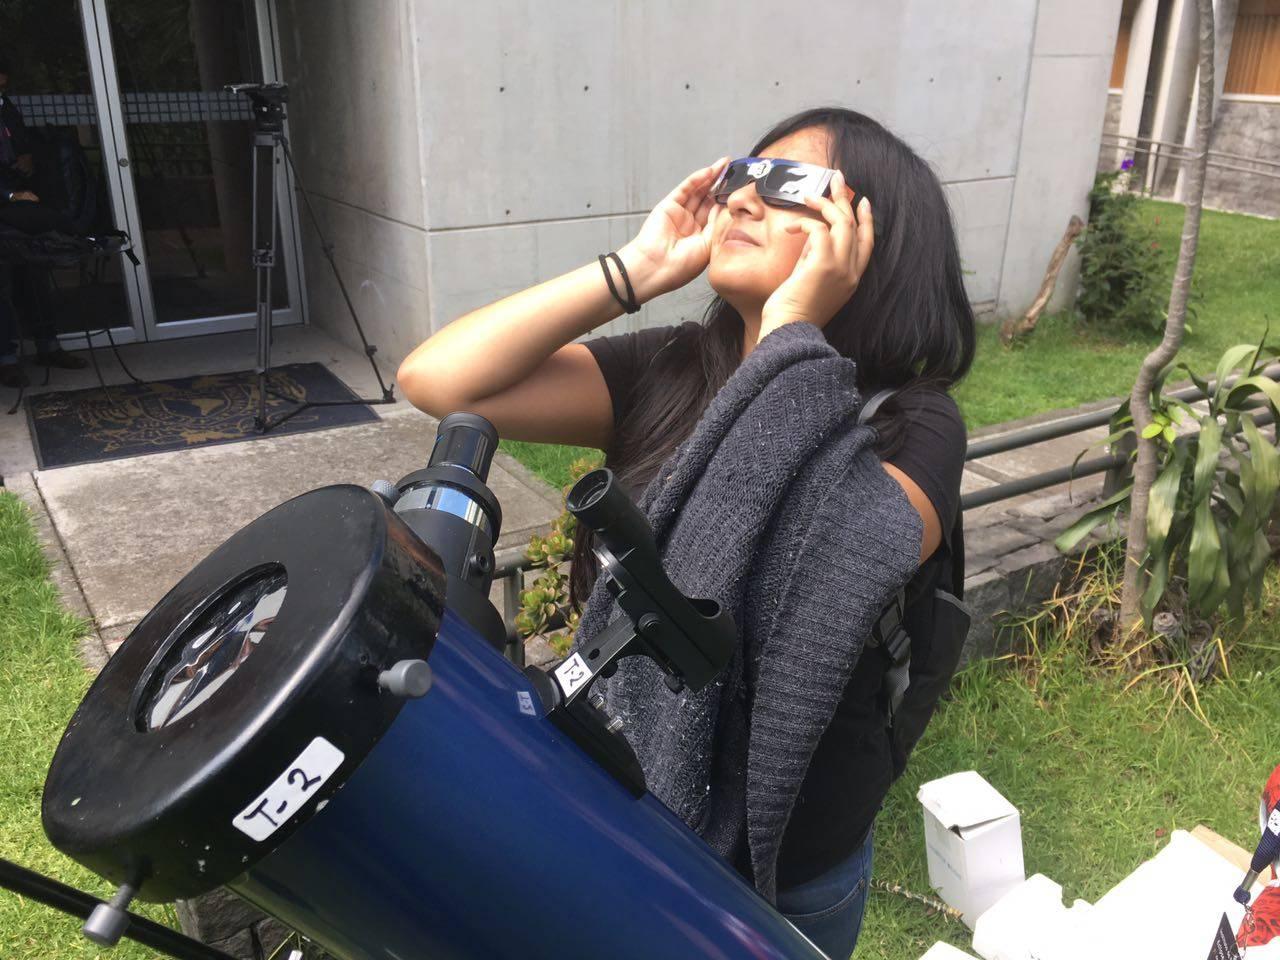 Con lentes y telescopios Foto: Nicolás Corte